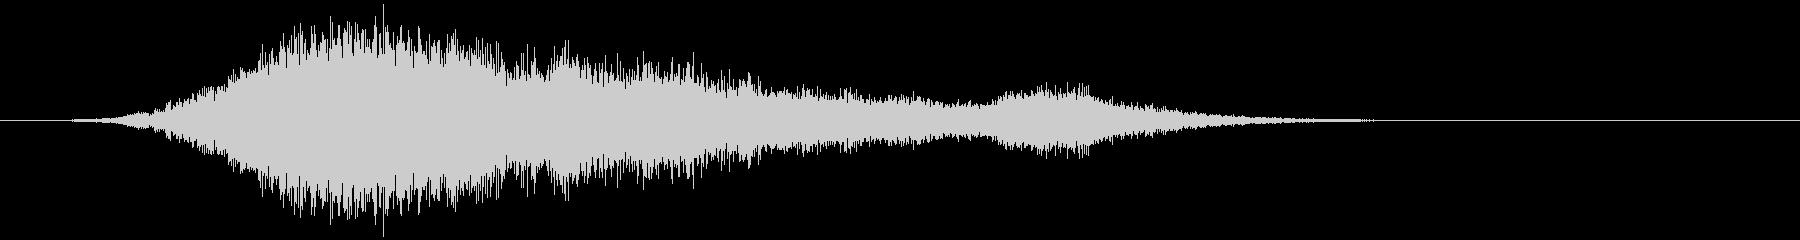 【ホラー】SFX_41 出没の未再生の波形